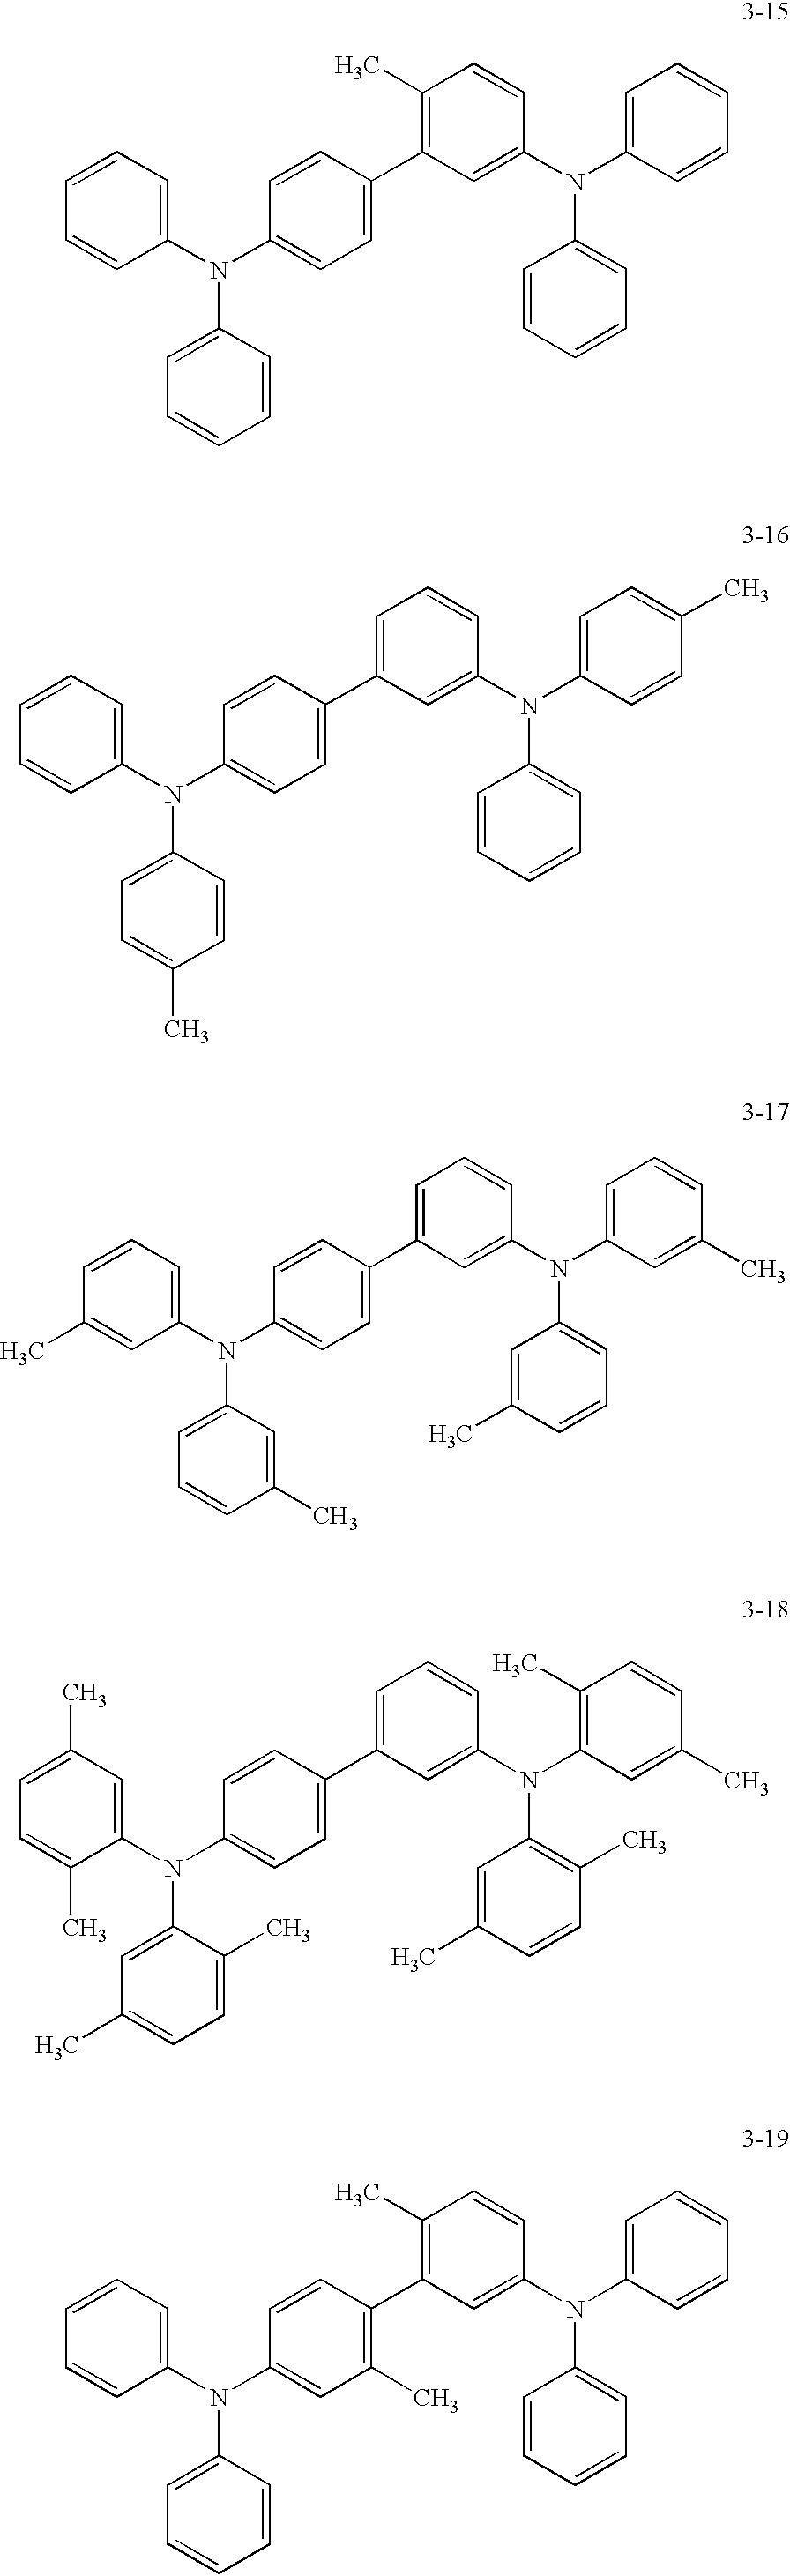 Figure US06750608-20040615-C00011